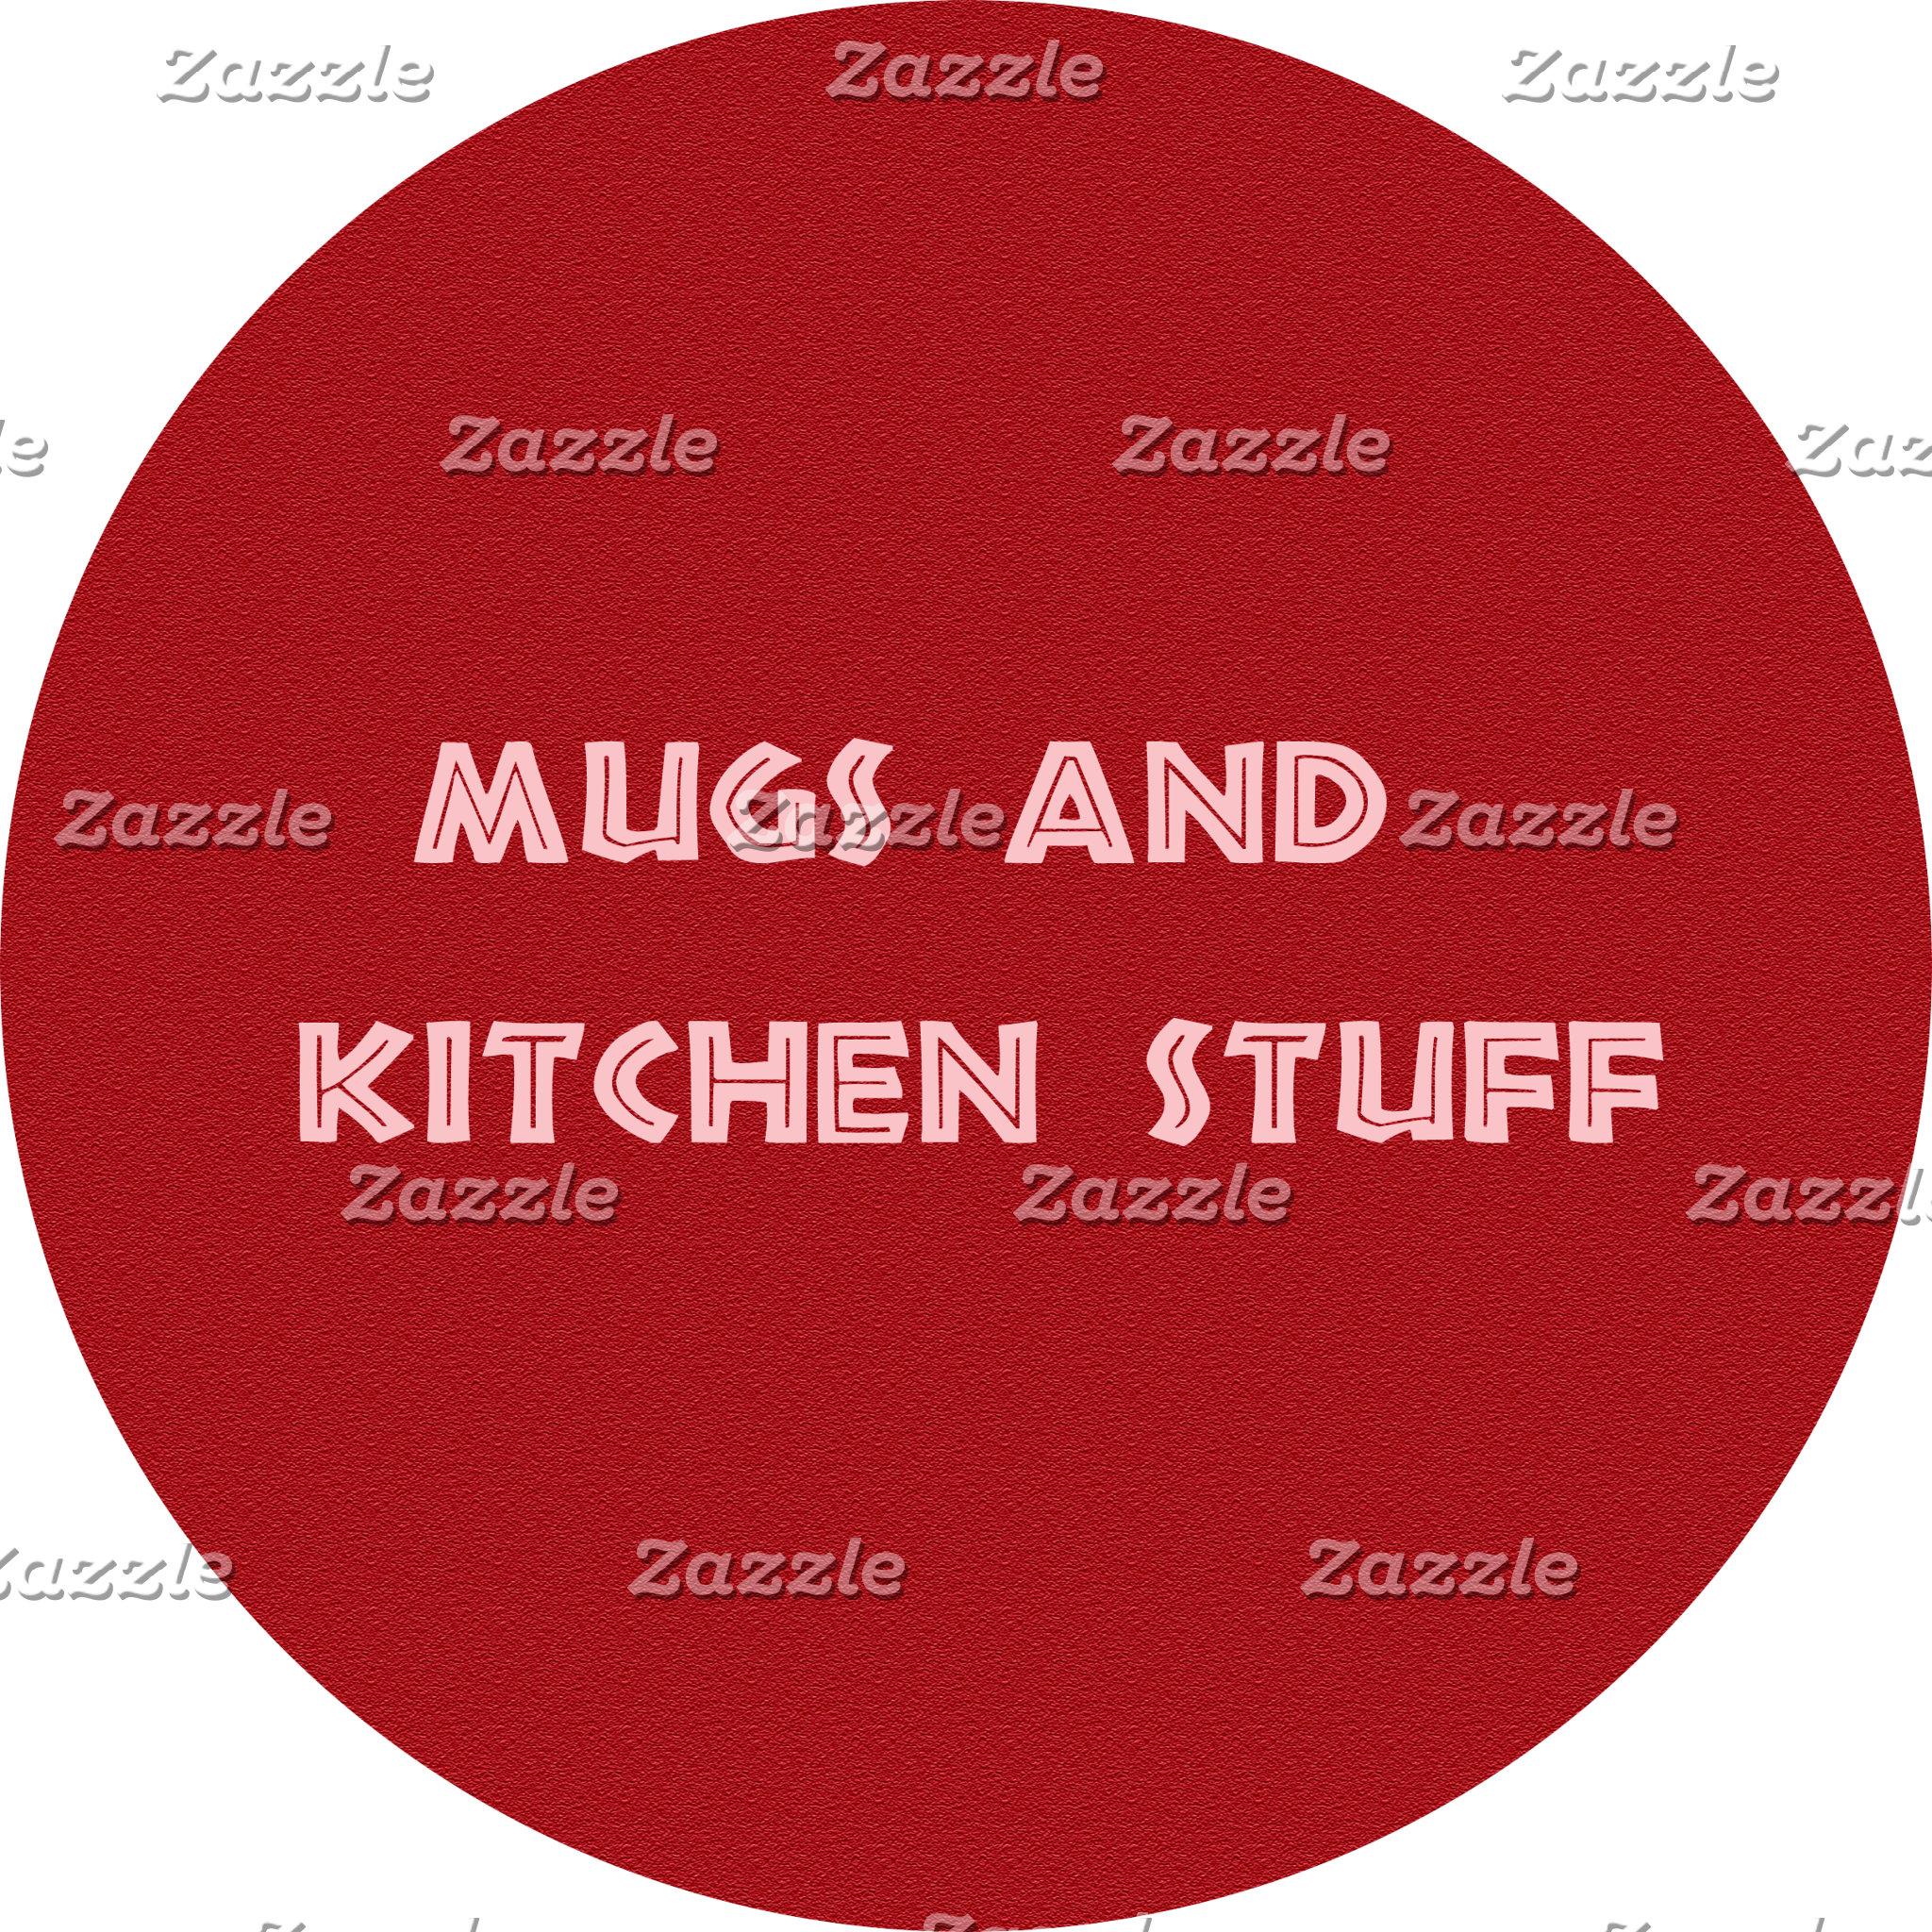 Mugs and kitchen stuff